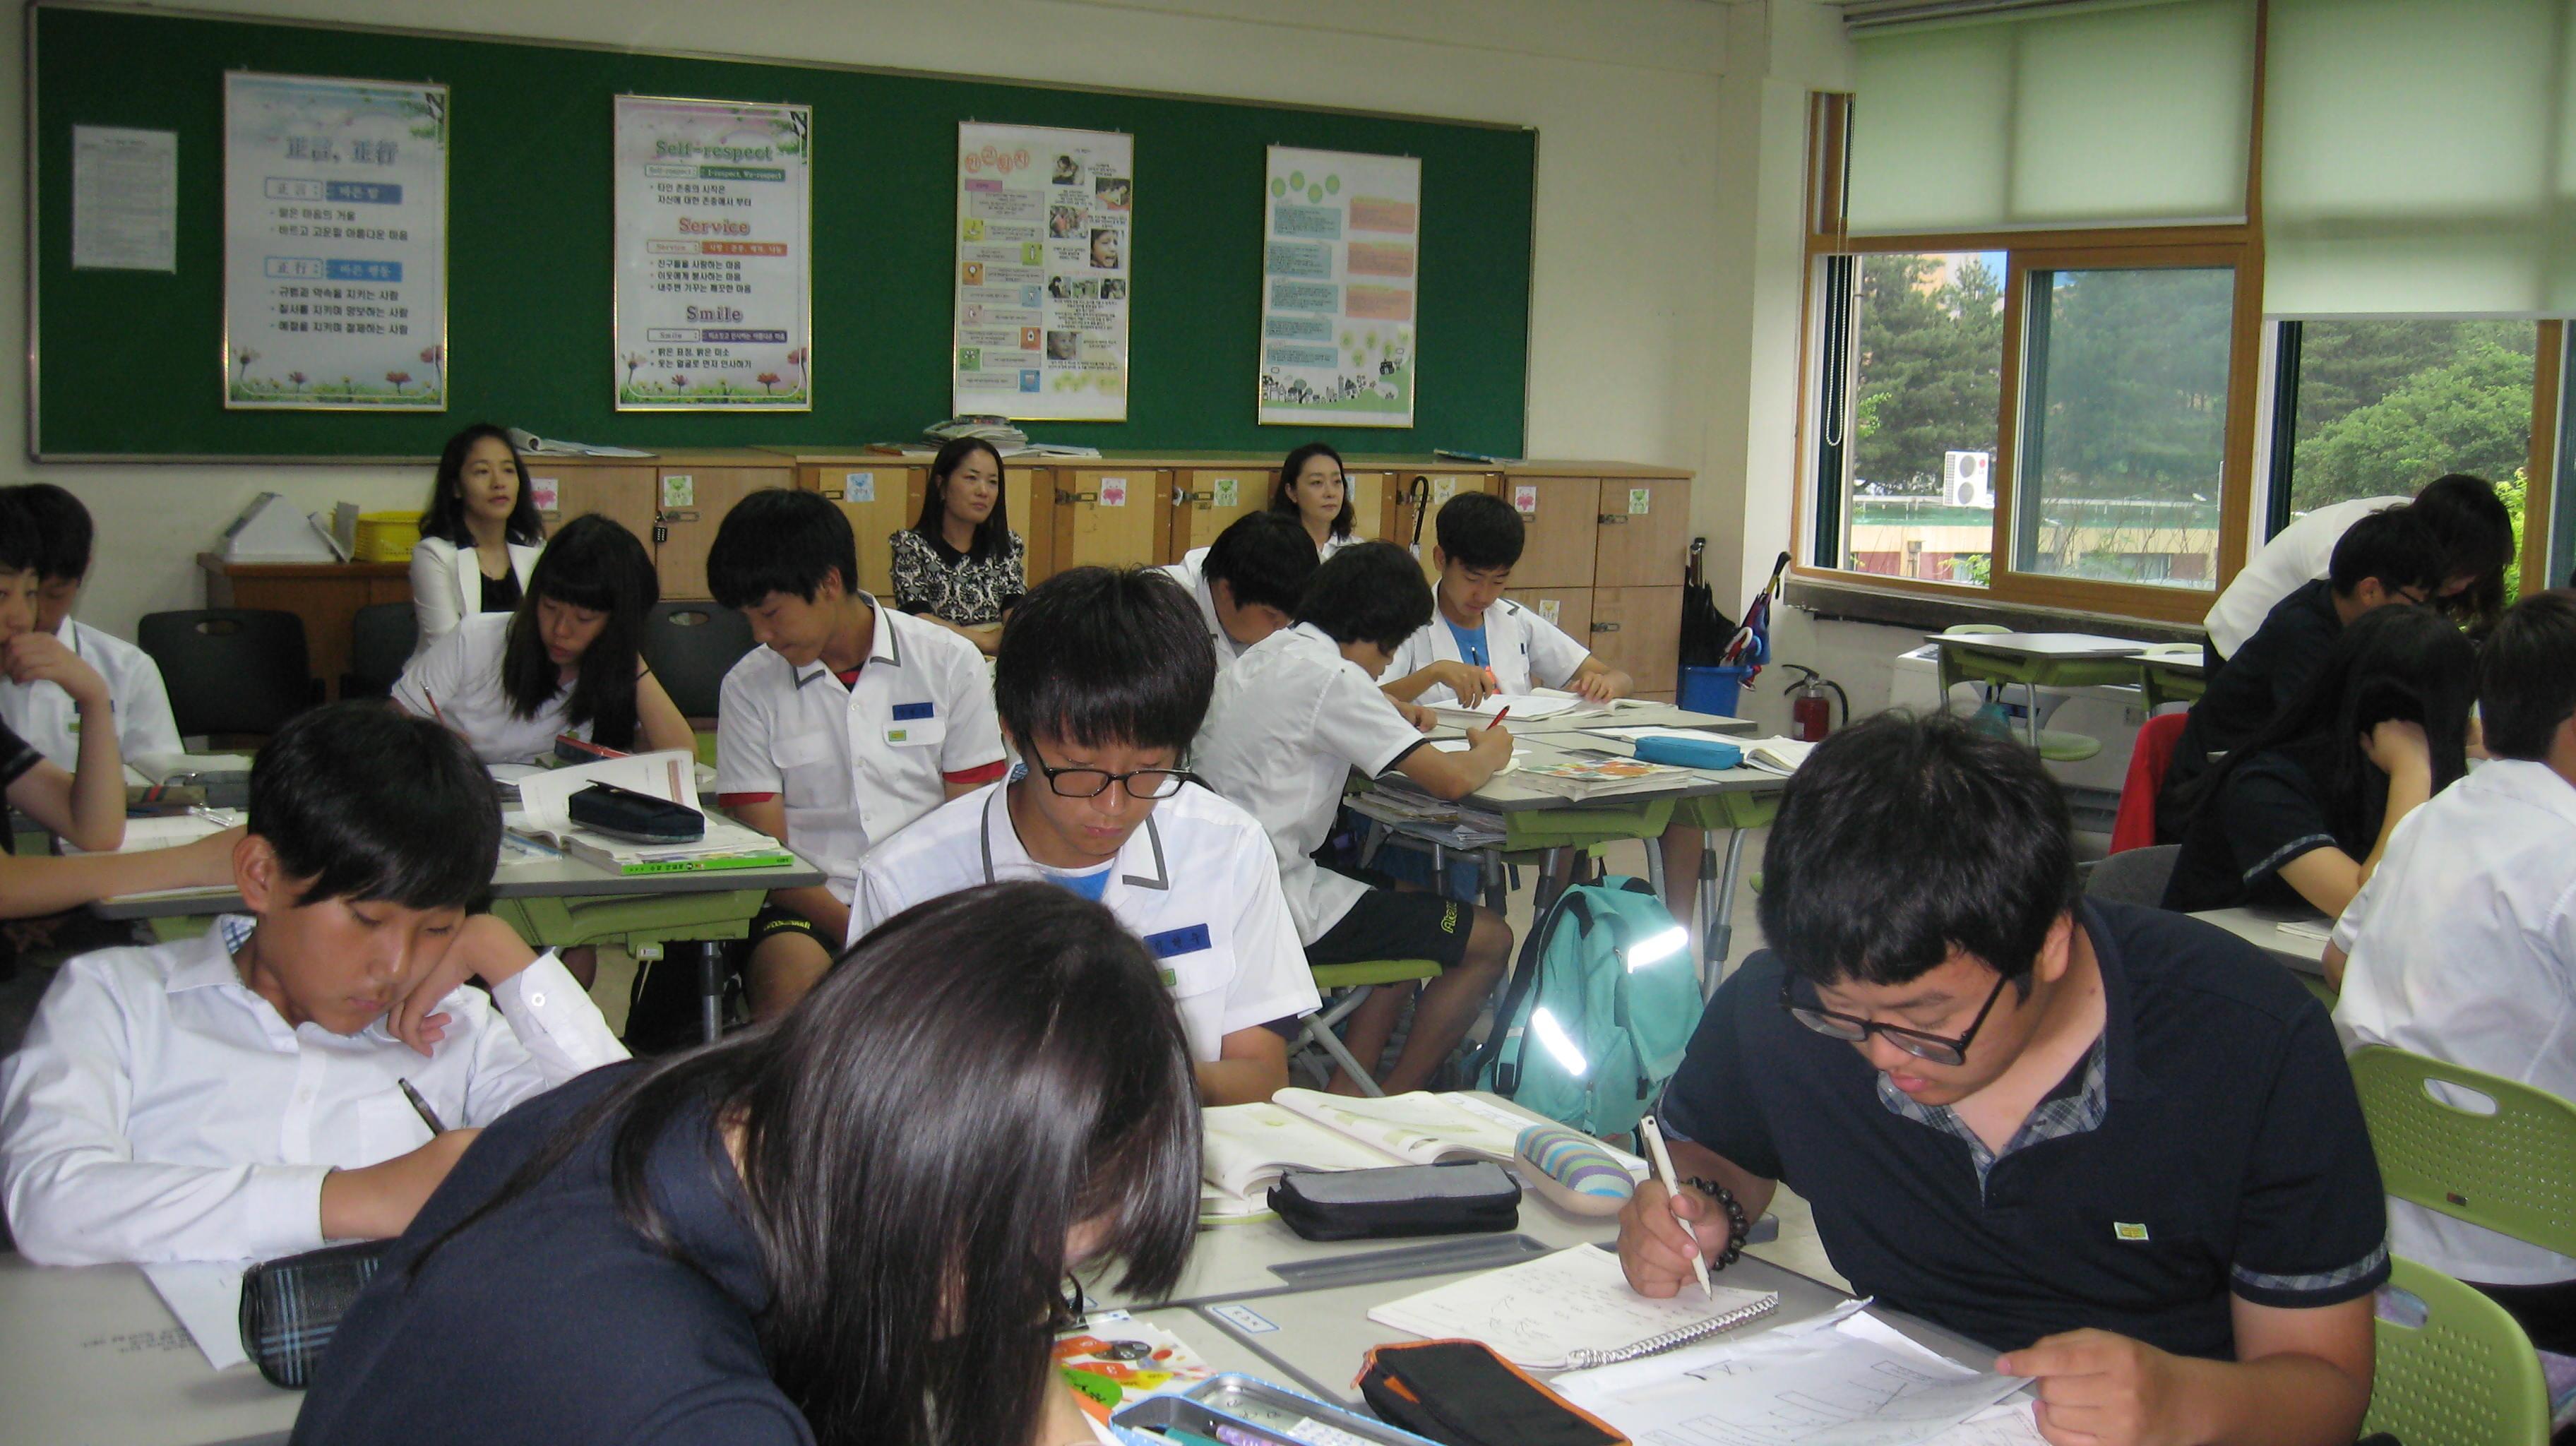 [일반] 학부모 공개 수업의 날의 첨부이미지 2